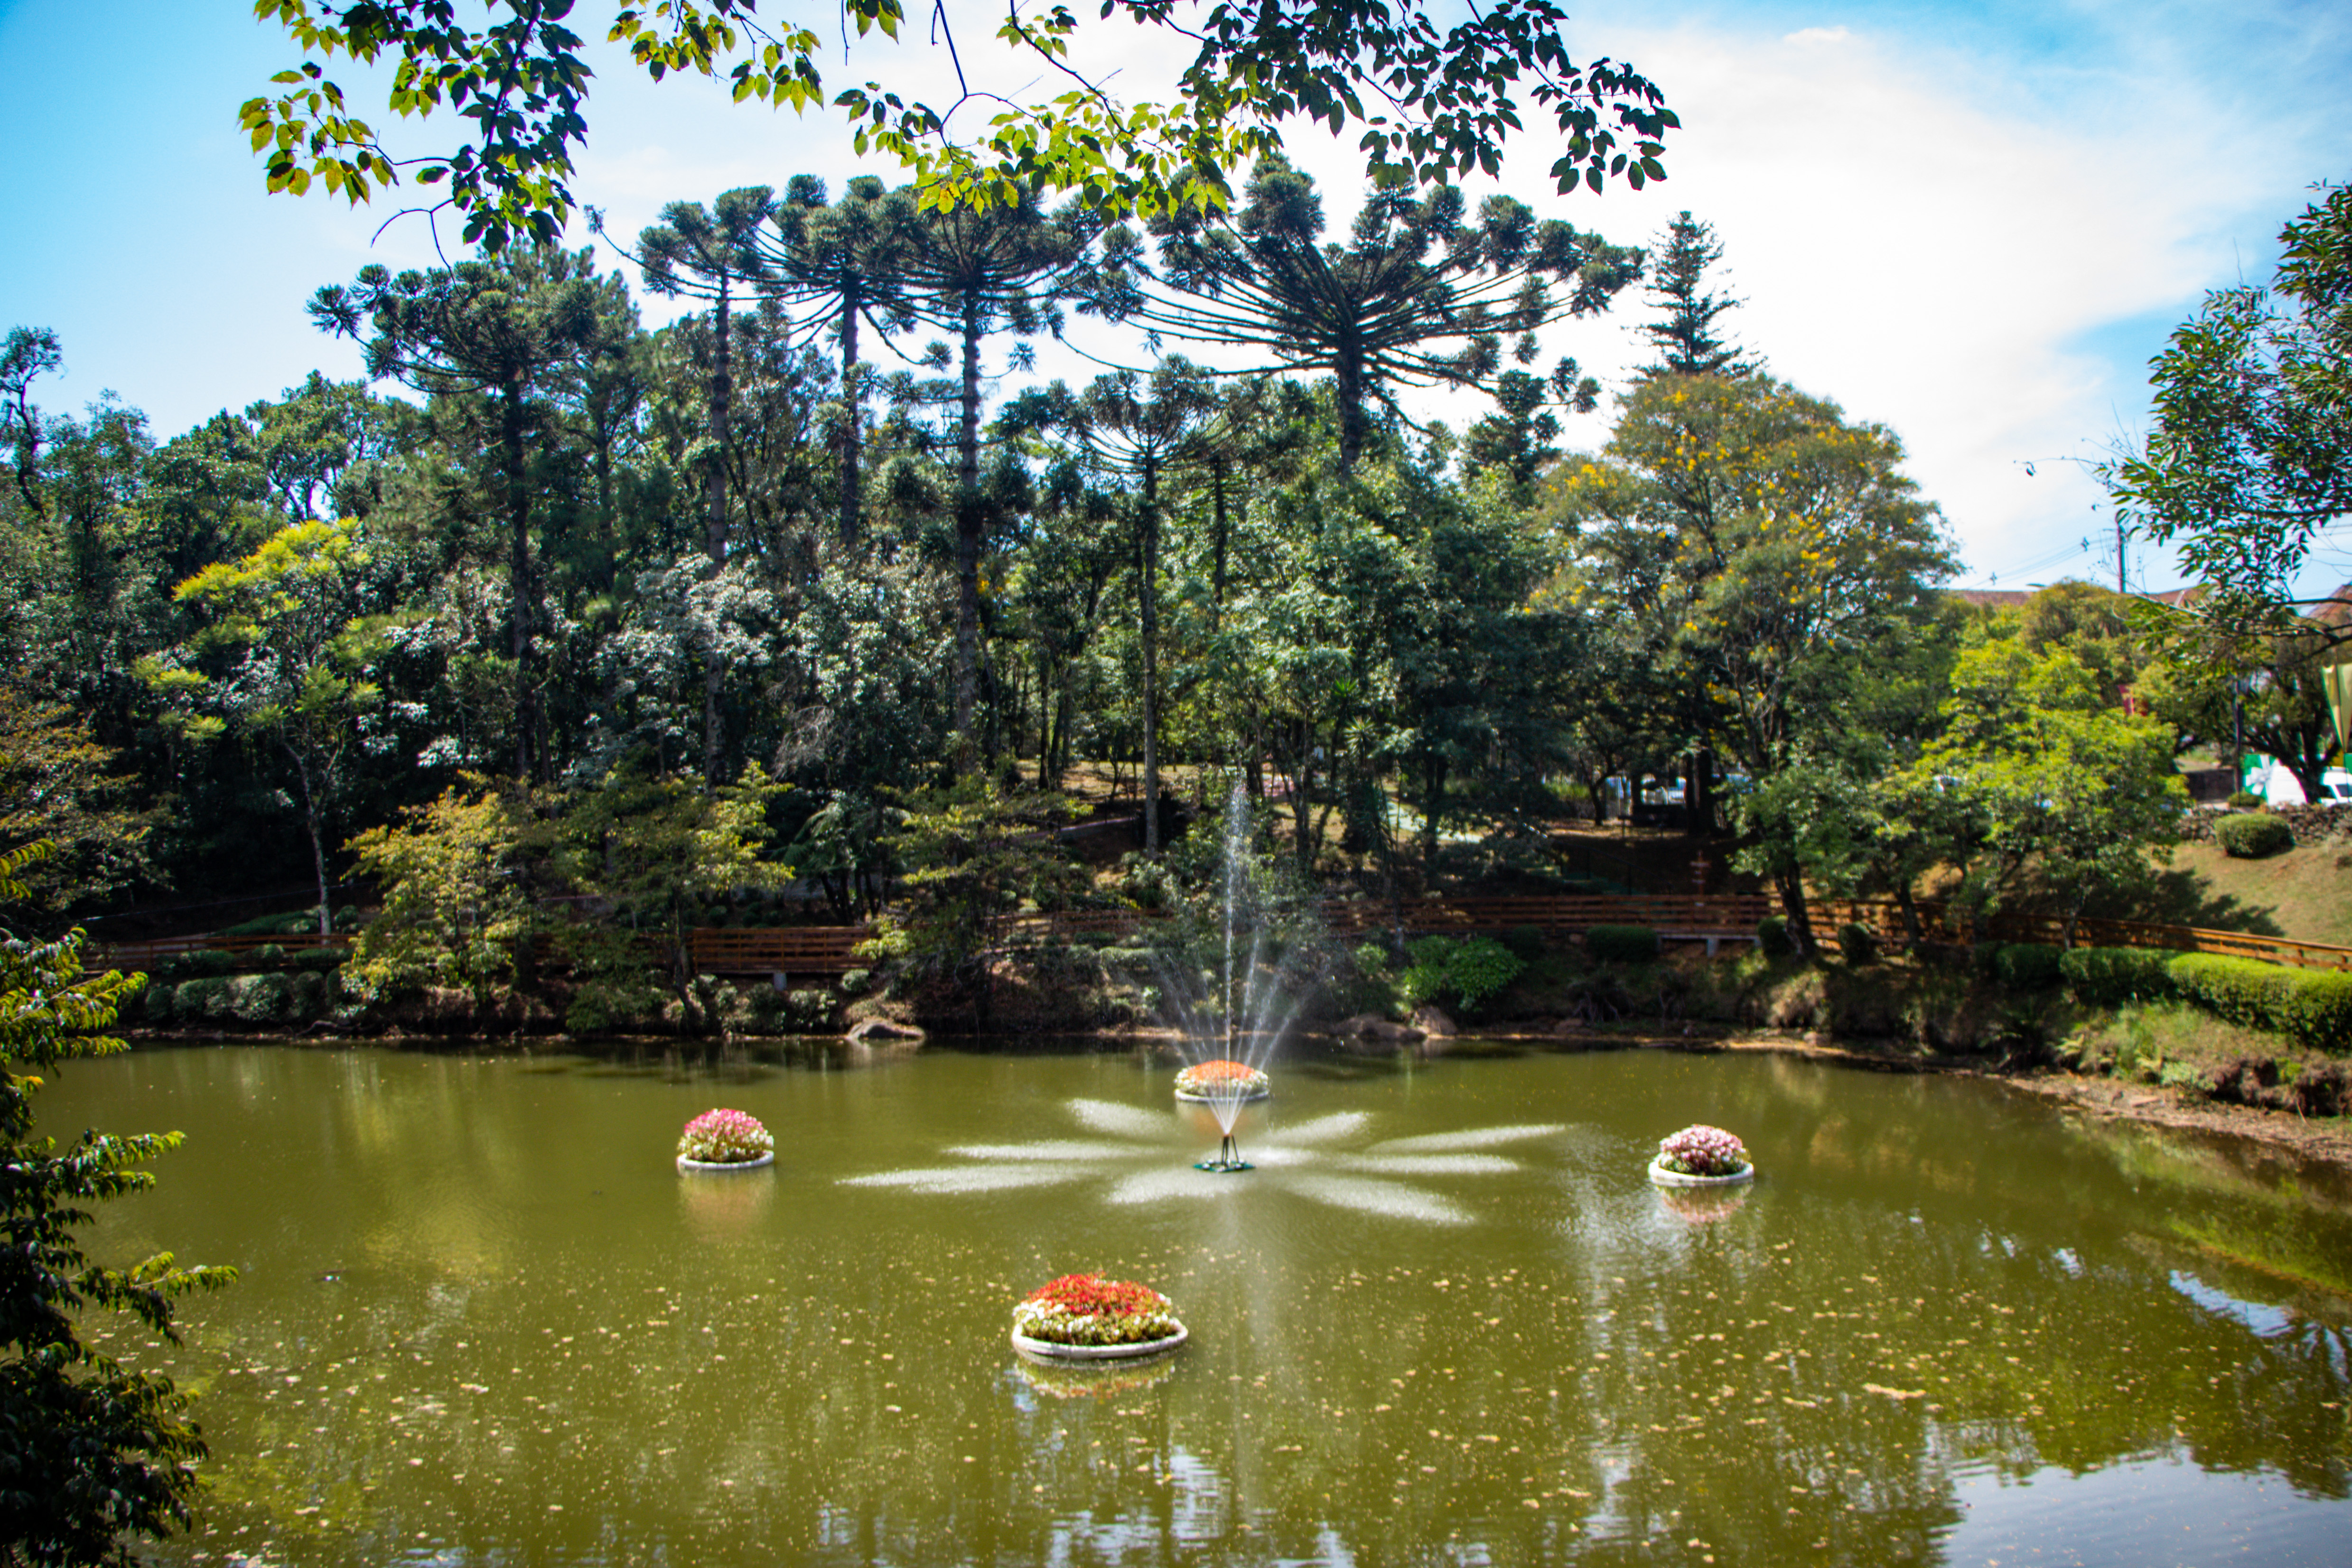 Nova petrópolis parque aldeia do imigrante Lago dos Canteiros Flutuantes